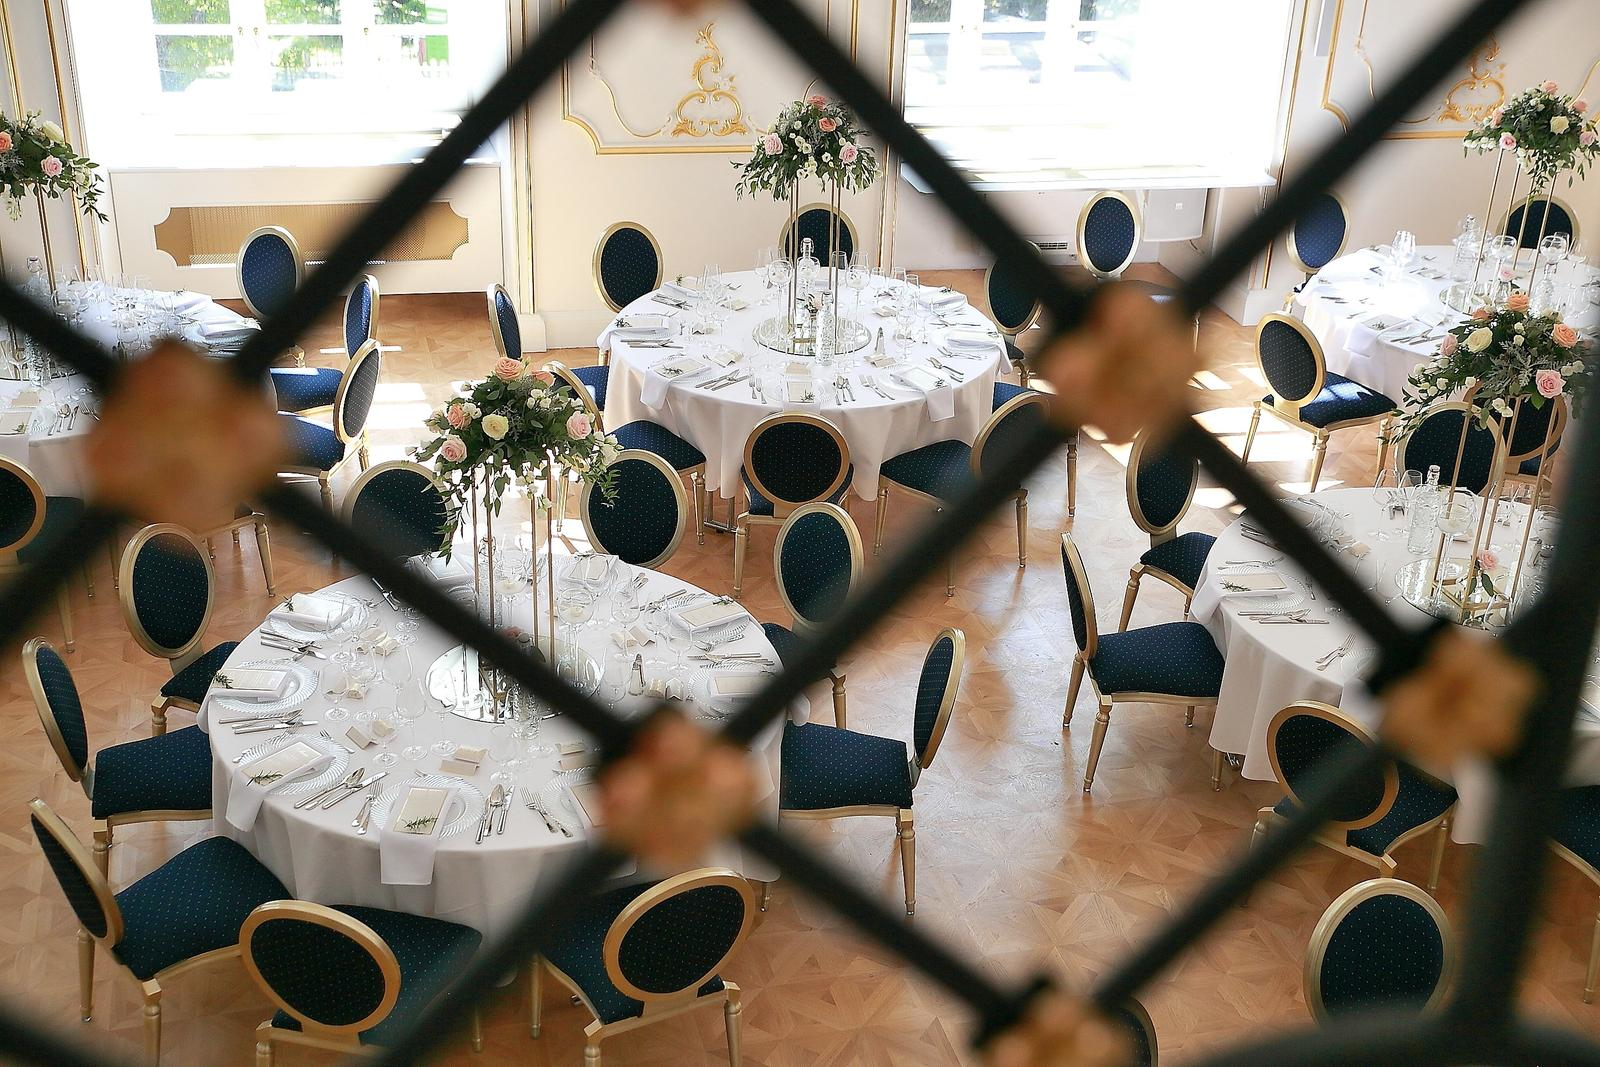 Svadobné dekorácie - požičovňa svadobných dekor. - Obrázok č. 13